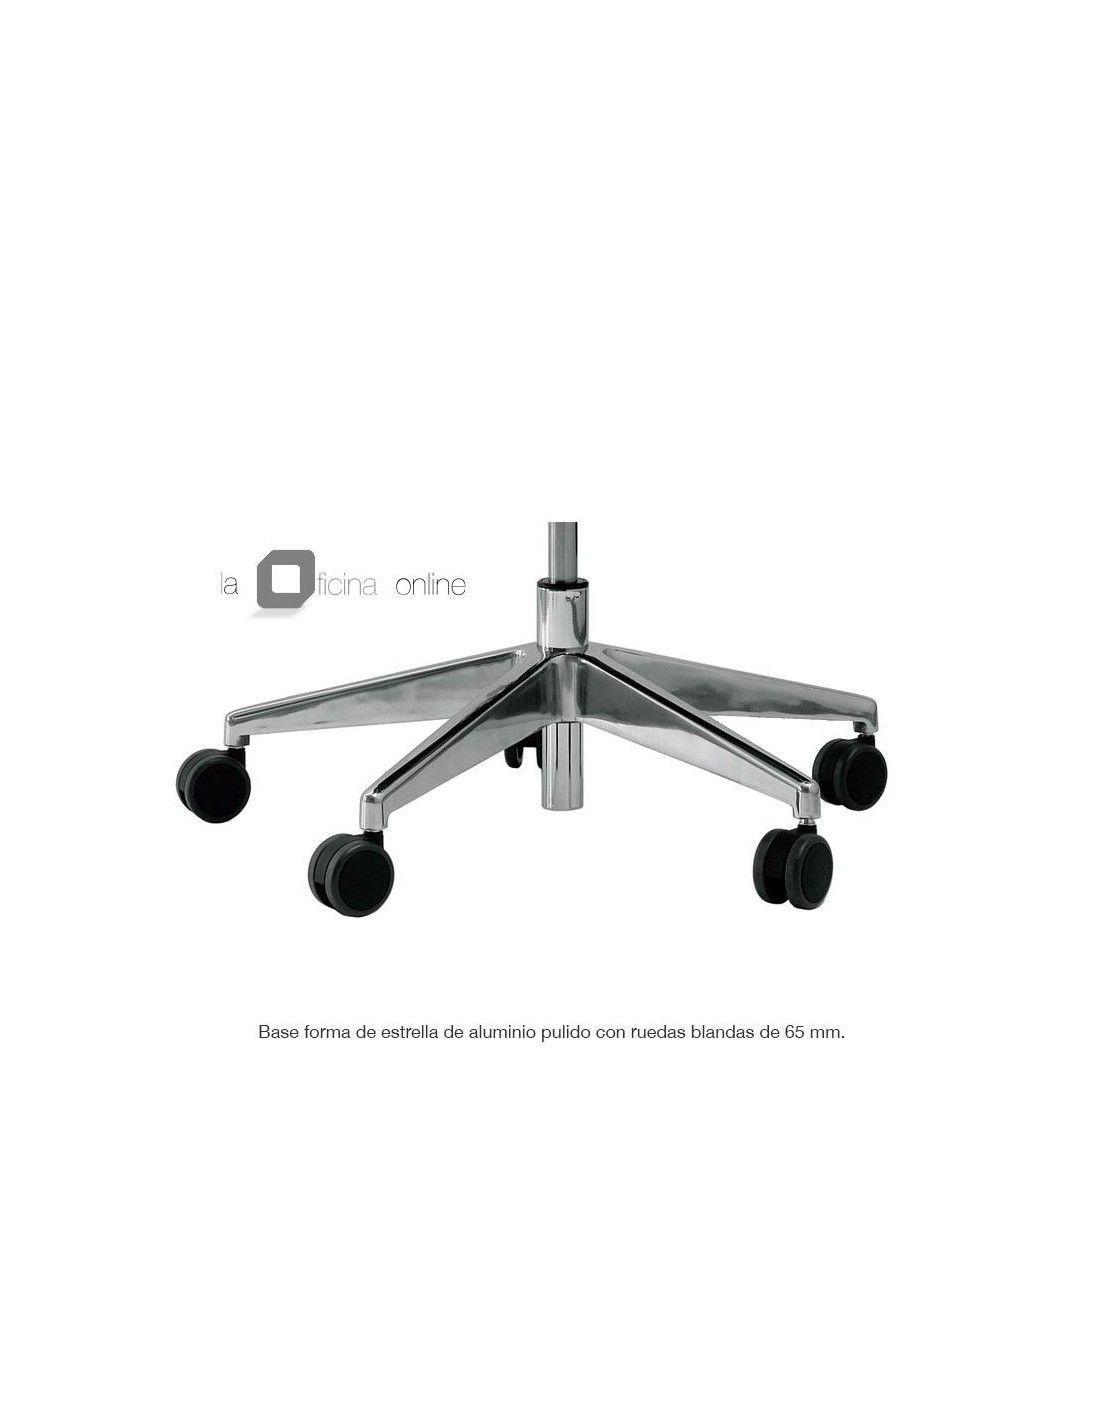 Sillas Estrella Y SillonesLa Oficina Para Aluminio Online Pulido Base De 0wkX8OnP